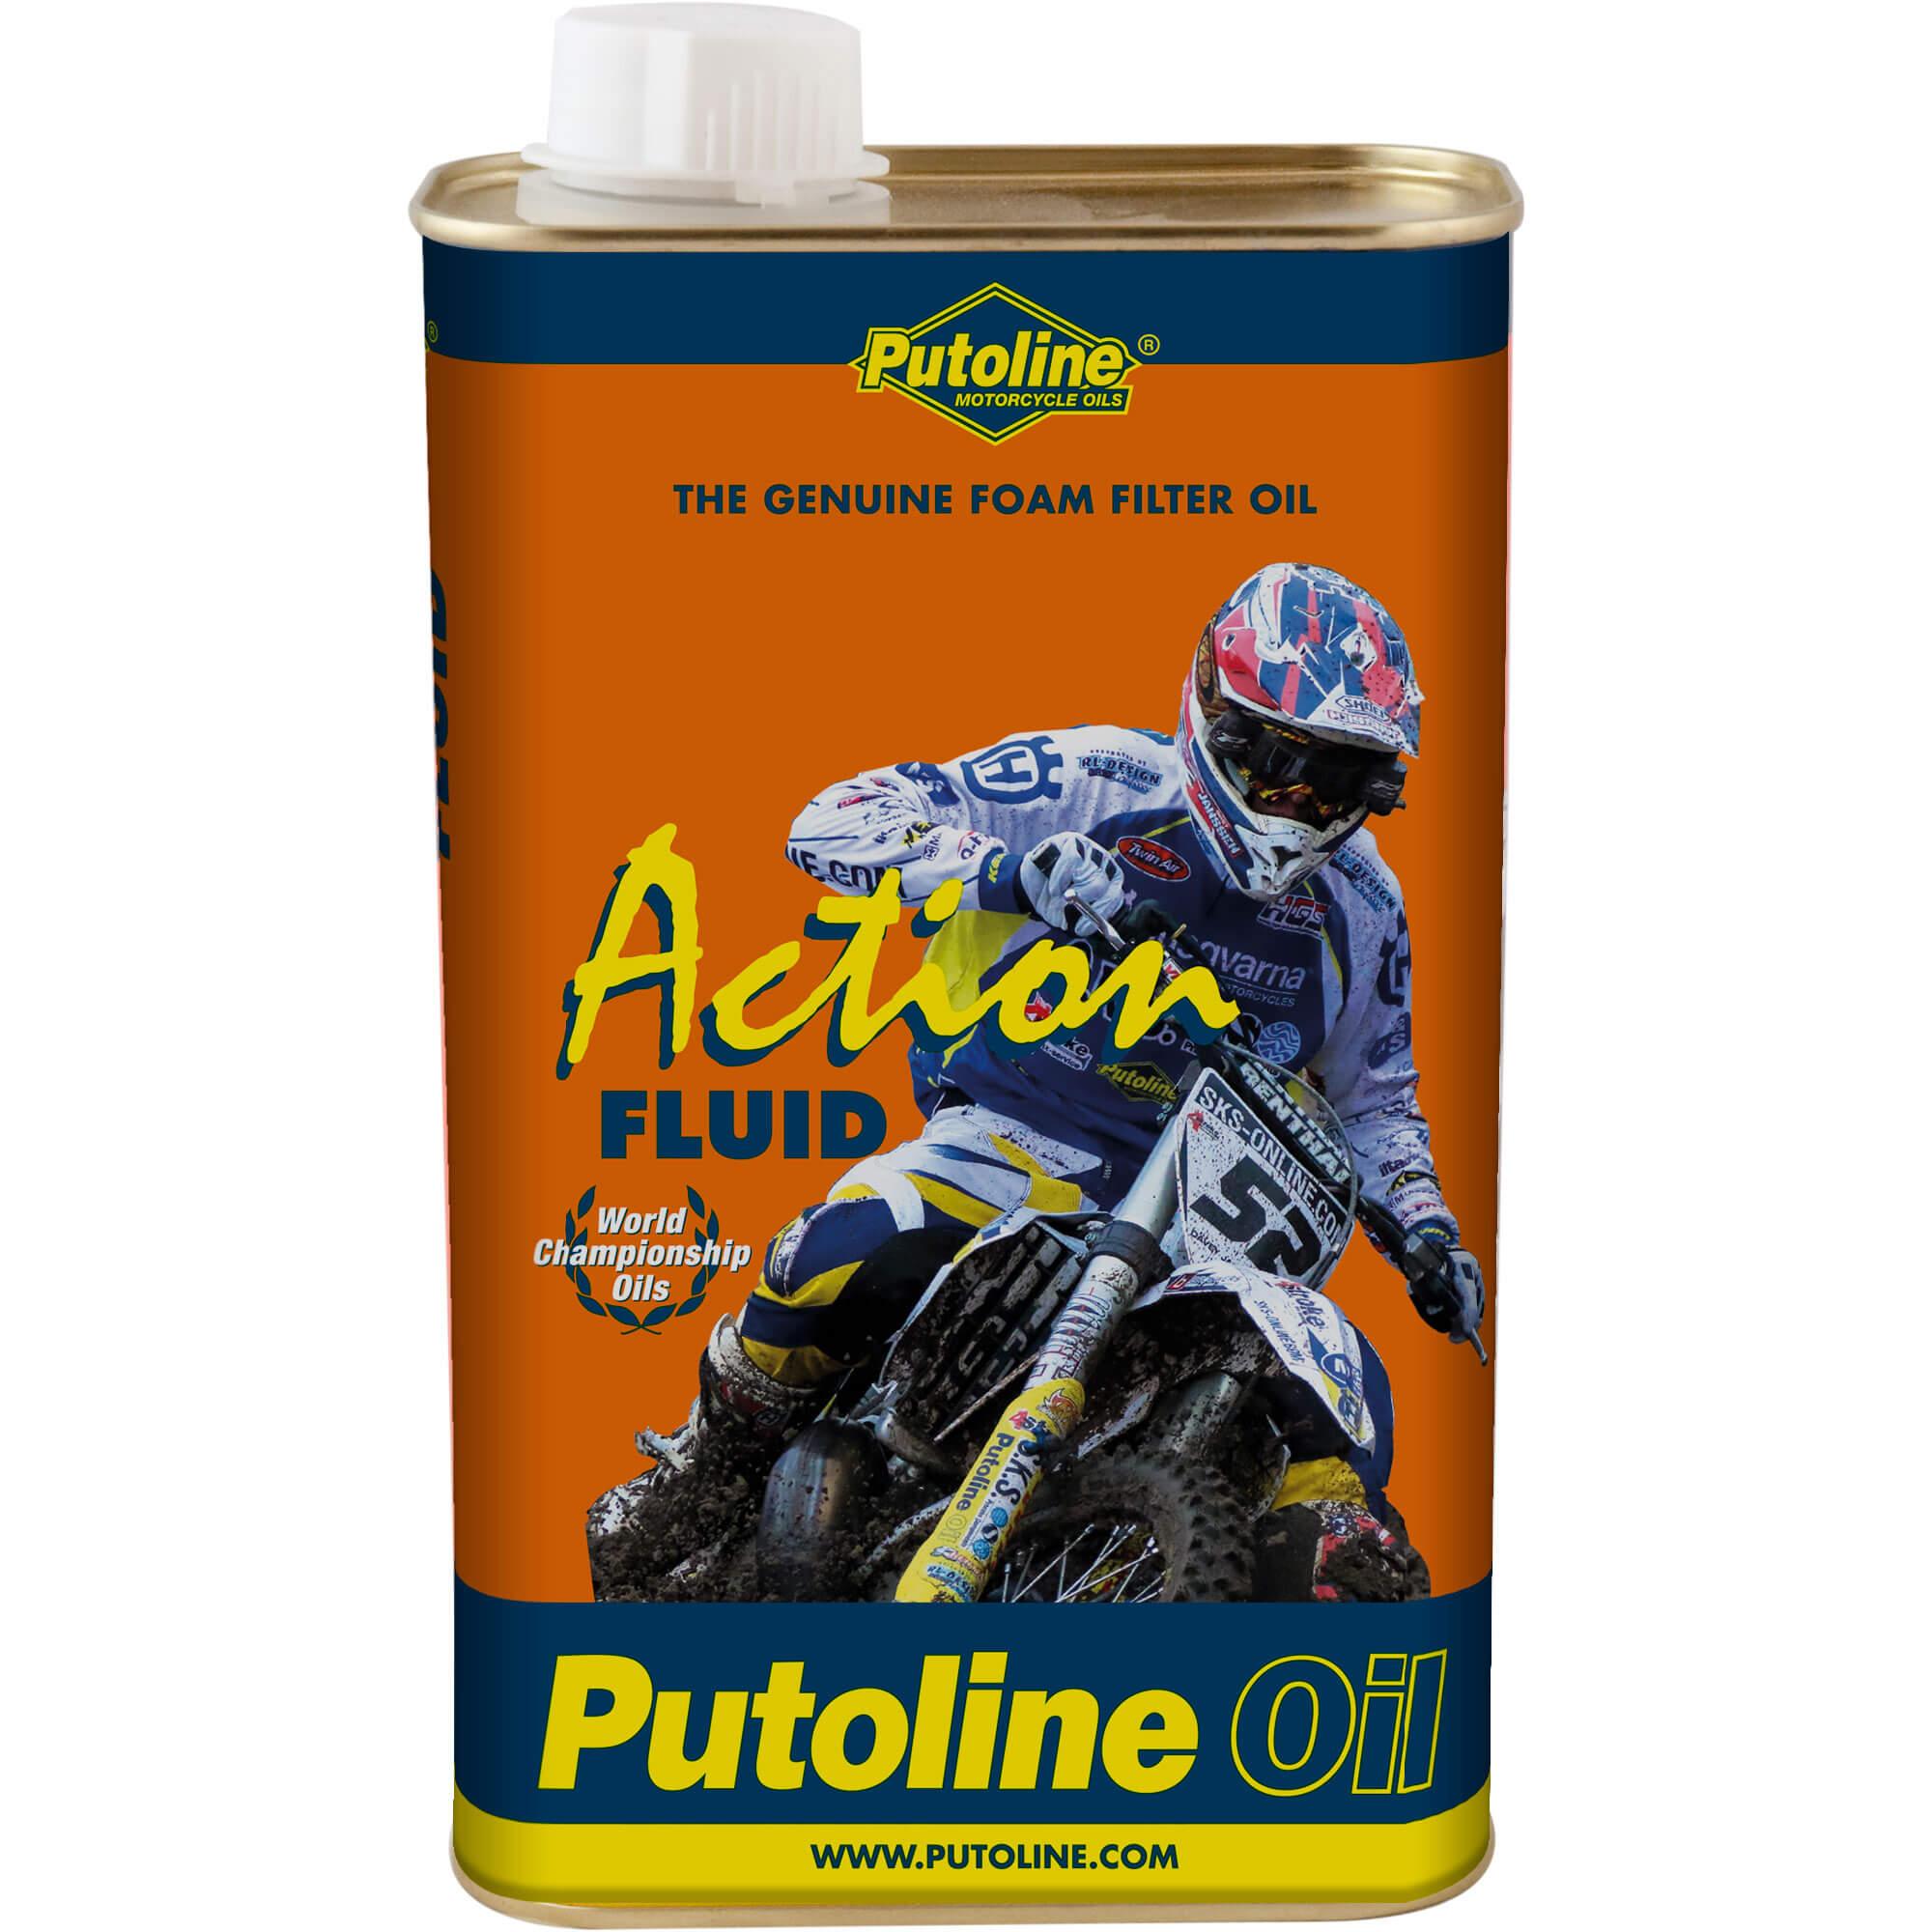 1L Entretien filtre à air Putoline Action Fluid